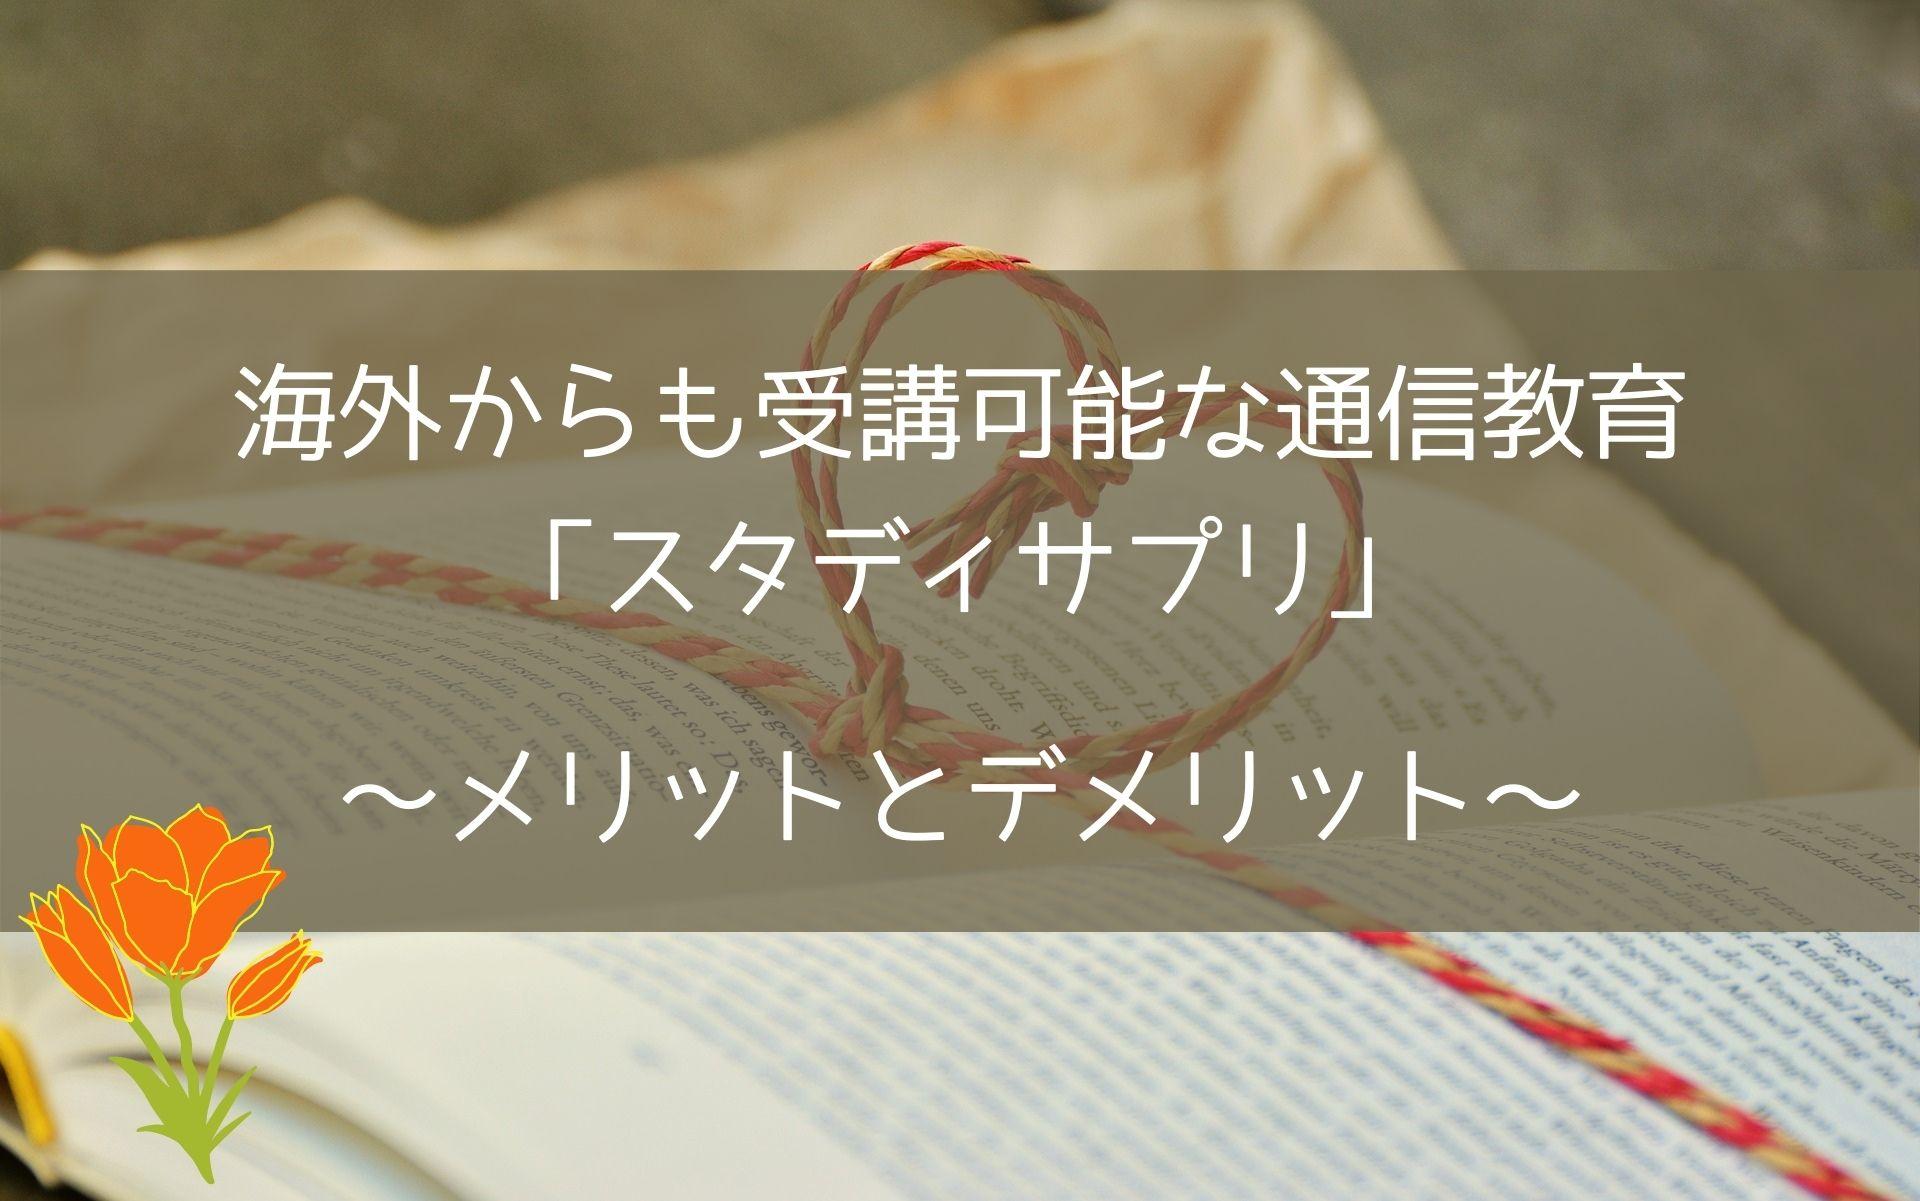 海外からも受講可能な通信教育「スタディサプリ」~メリットとデメリット~